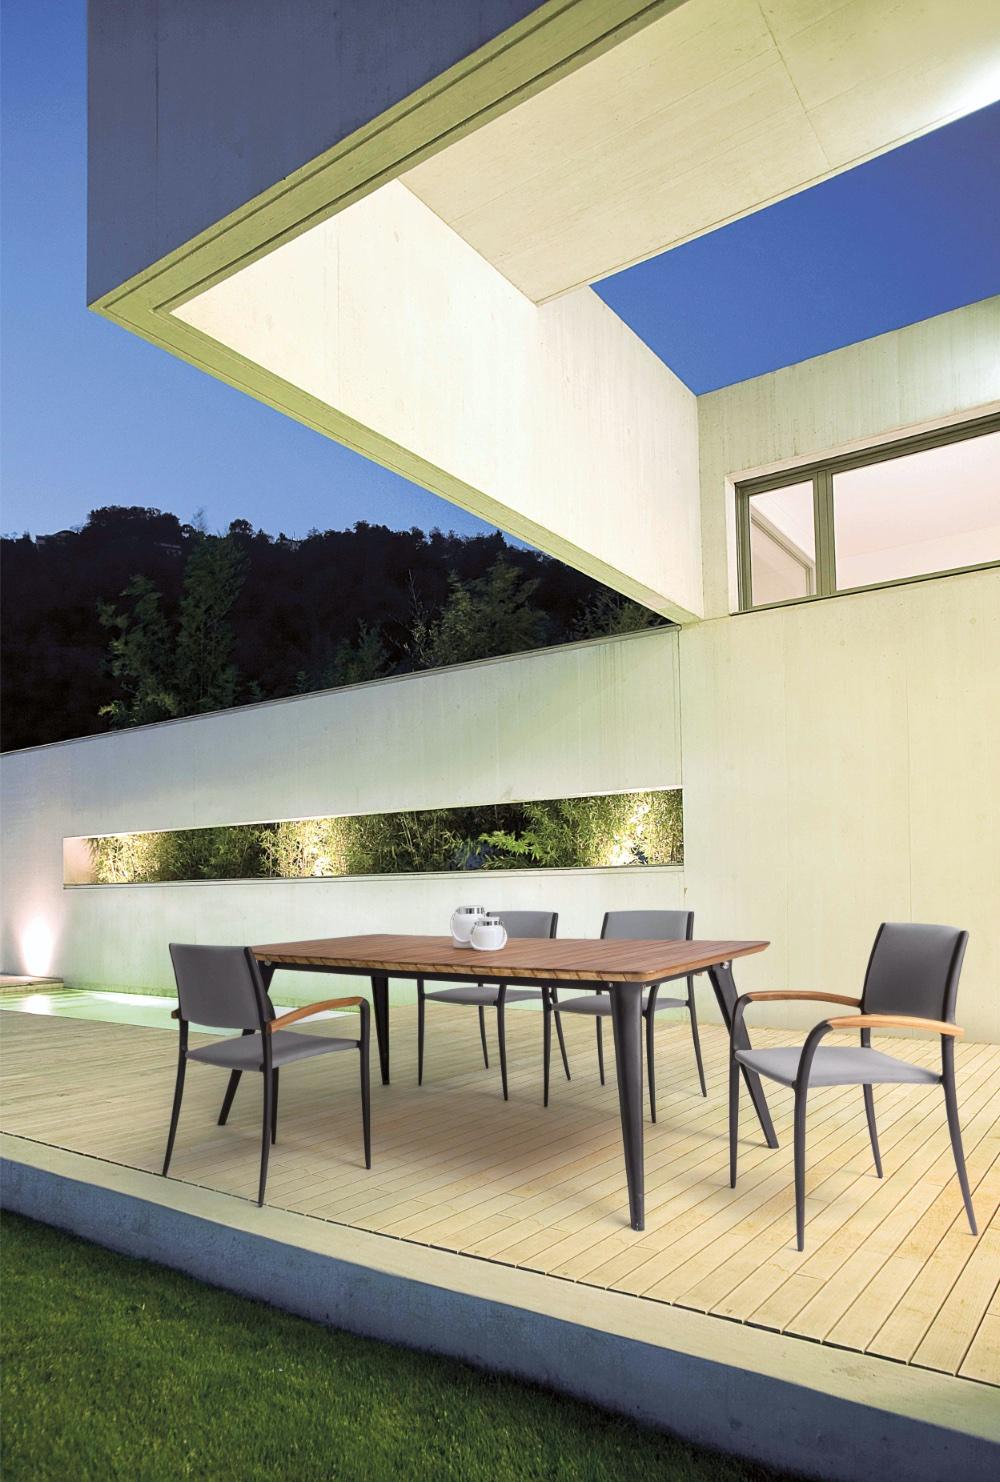 Tavolo Giardino Catalina in alluminio e teak per l'esterno.